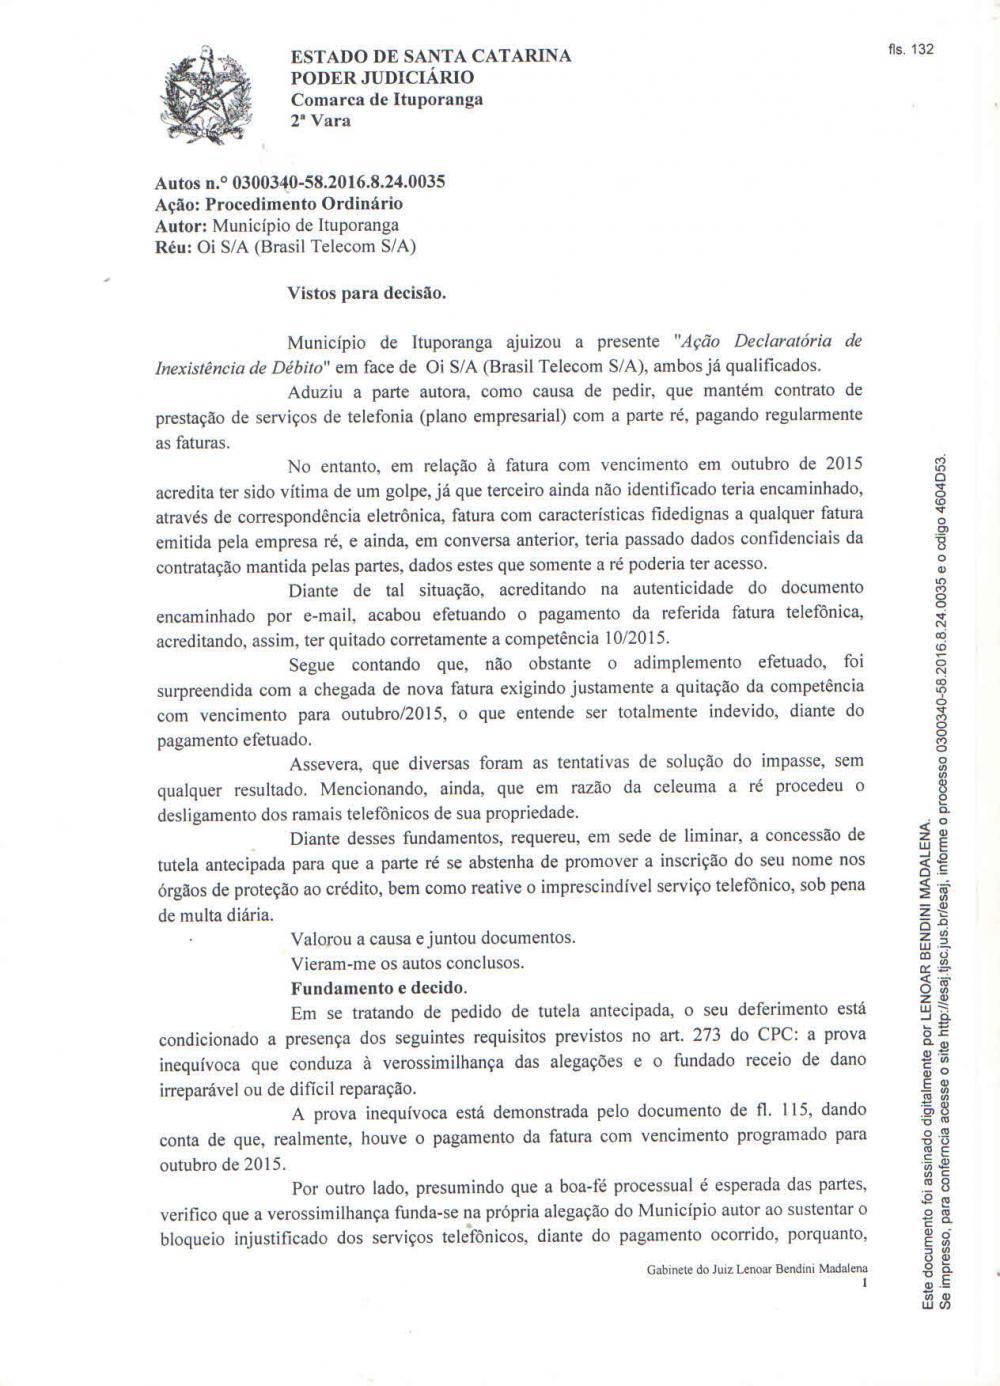 Empresa de telefonia descumpre decisão judicial e prejudica os serviços da Prefeitura de Ituporanga